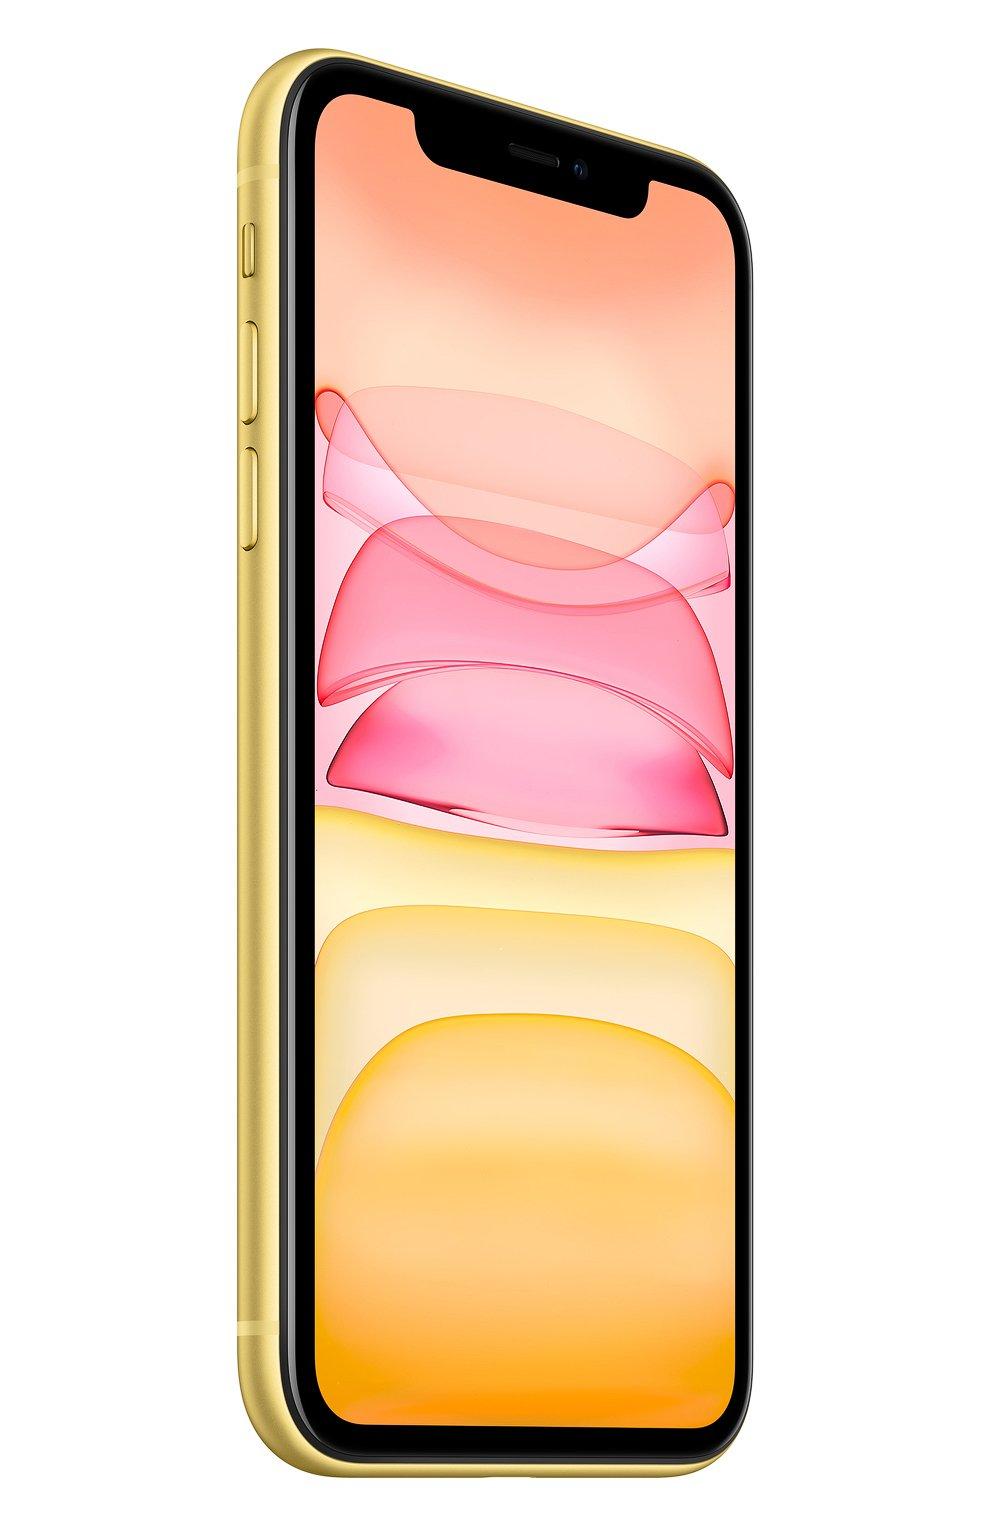 Мужской iphone 11 256gb yellow APPLE  yellow цвета, арт. MWMA2RU/A   Фото 3